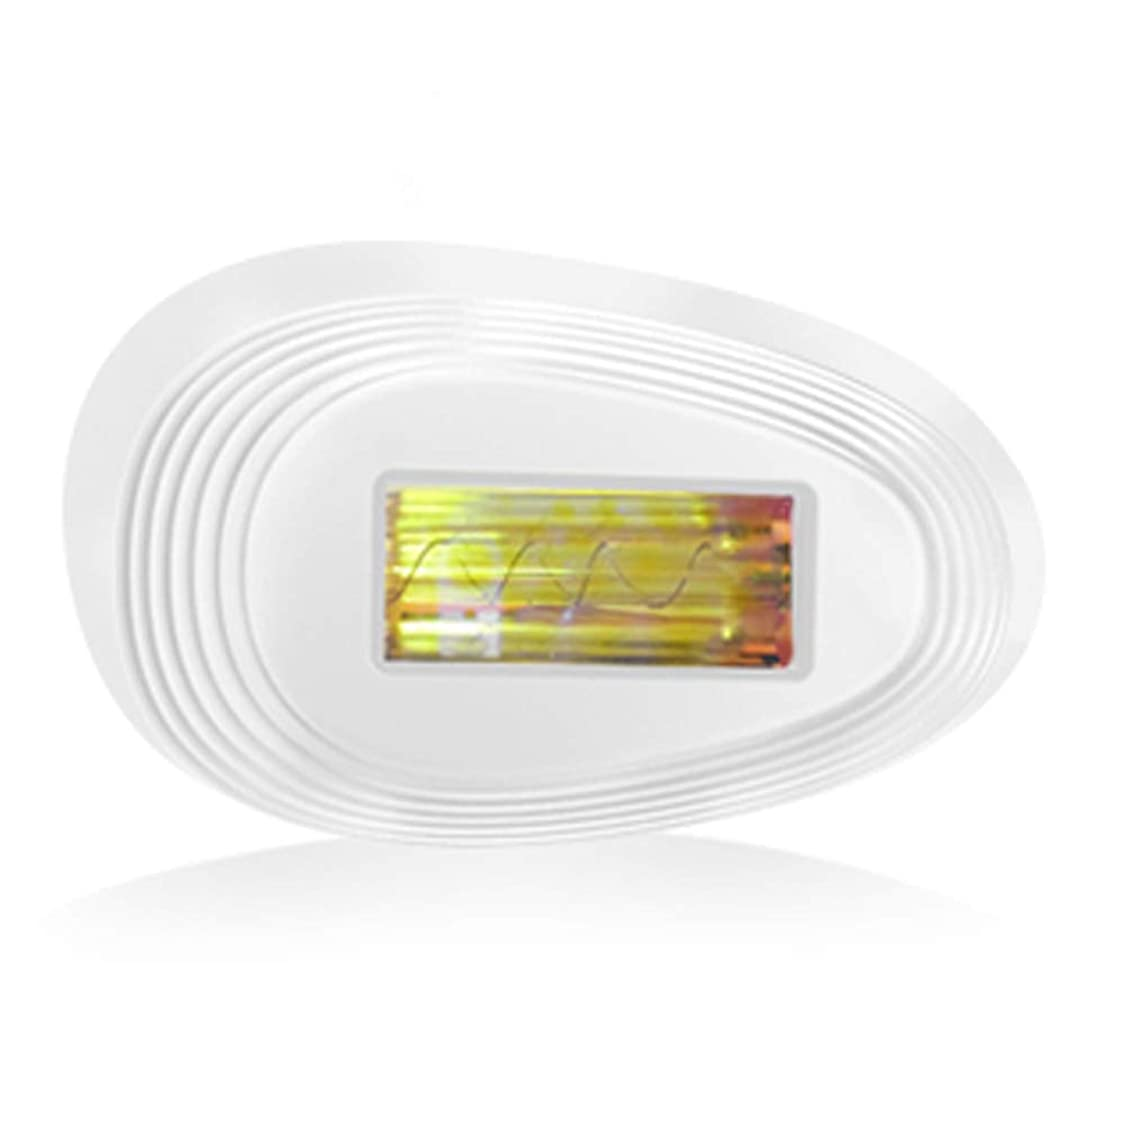 カルシウム財布小康FASIZ 脱毛器カートリッジ 専用 家庭用 光美容器 脱毛機 ホワイト